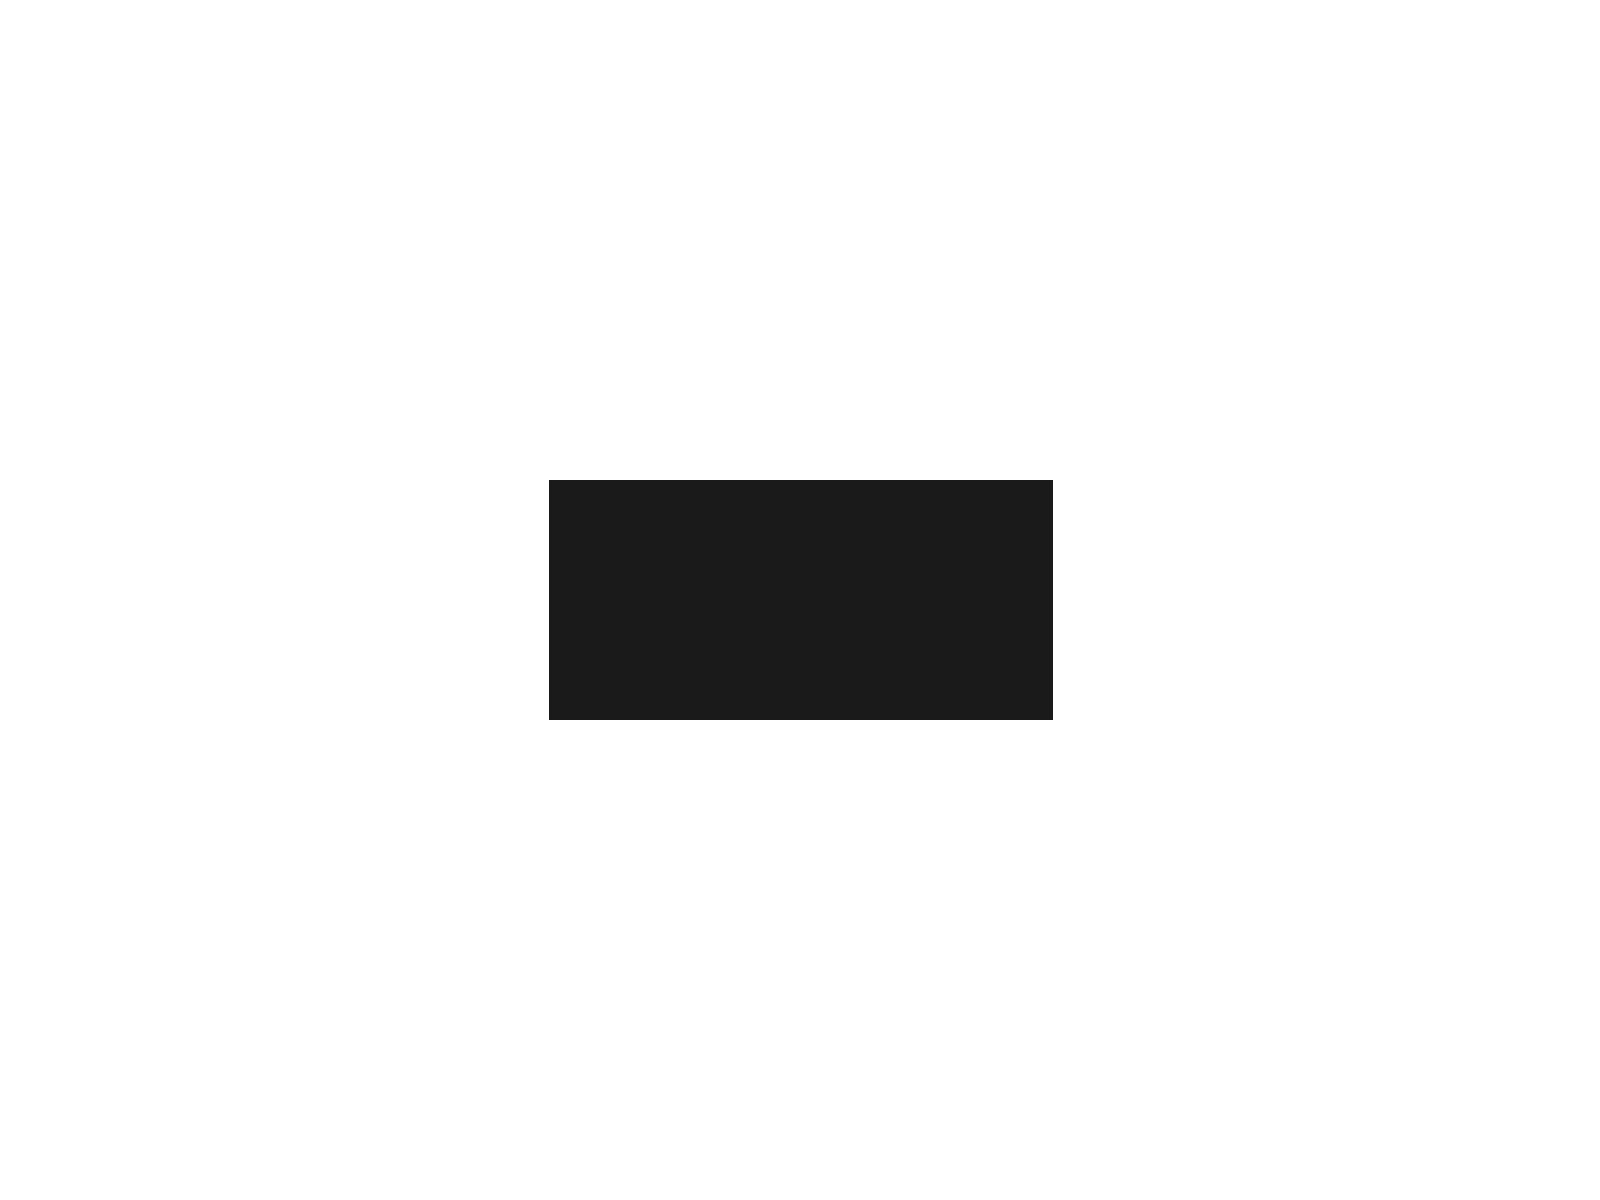 200325_logo_0002_Madog